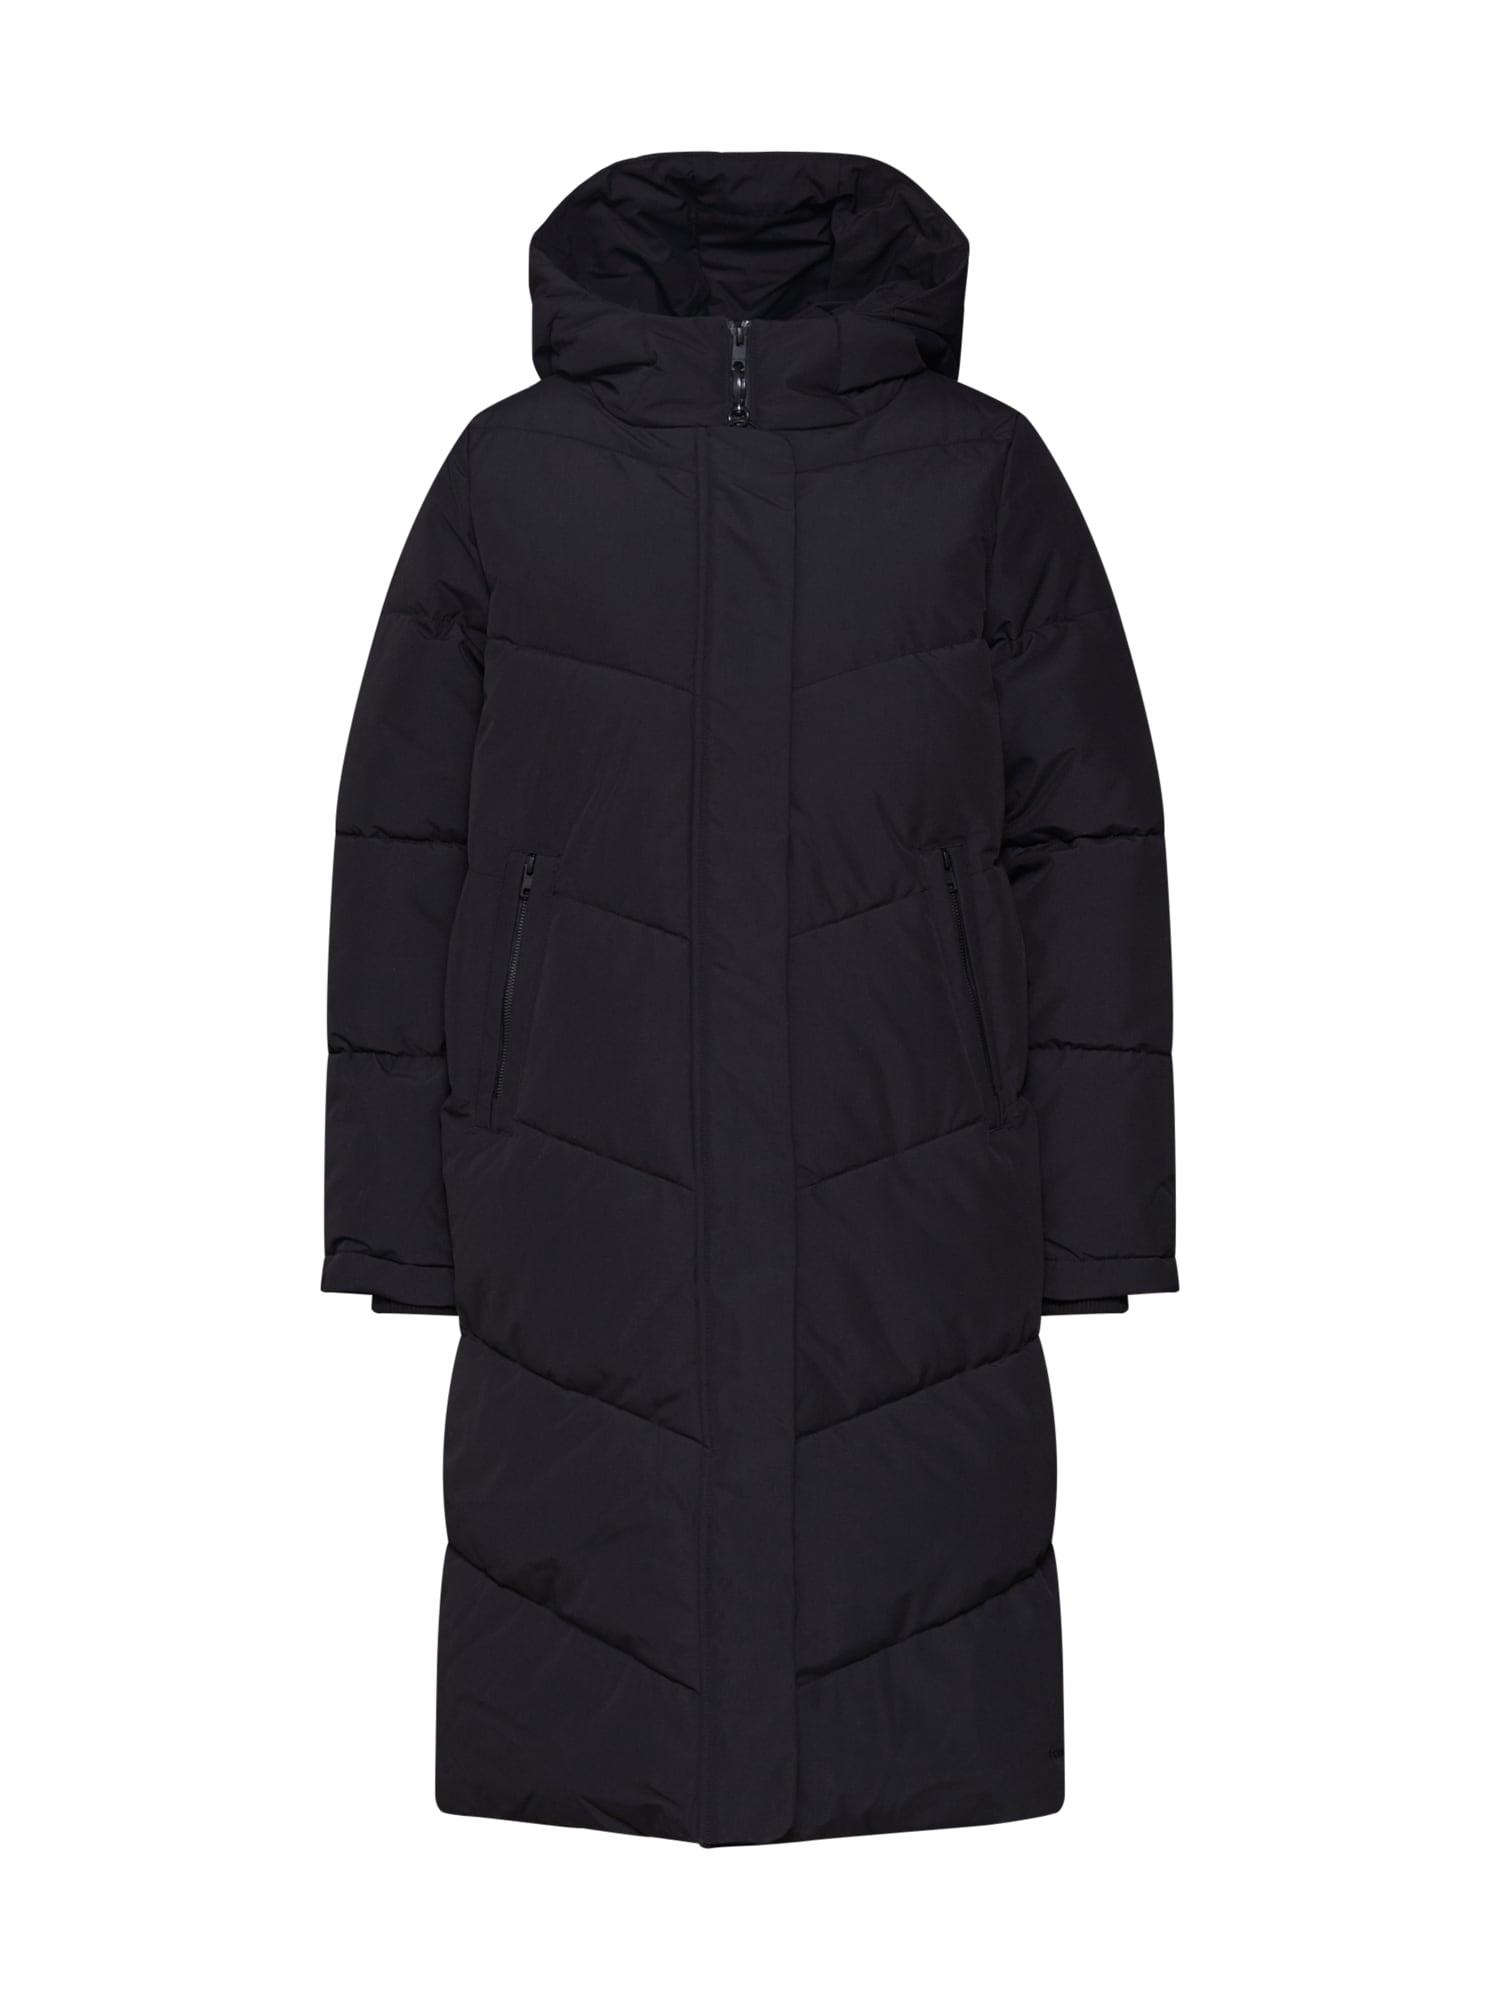 elvine Žieminis paltas 'Naemi' juoda